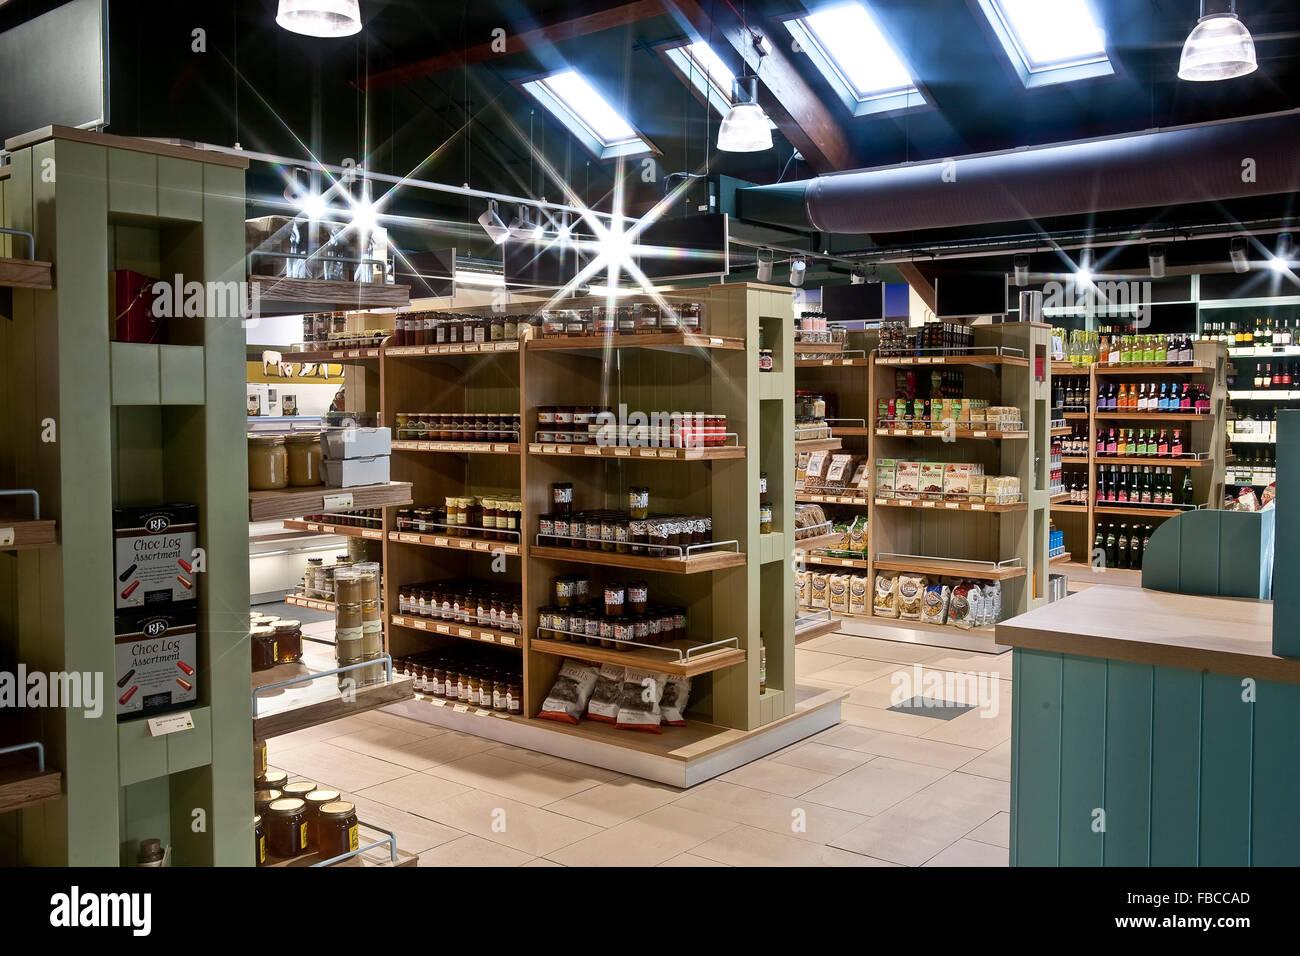 Interior of a Farm Shop Stock Photo